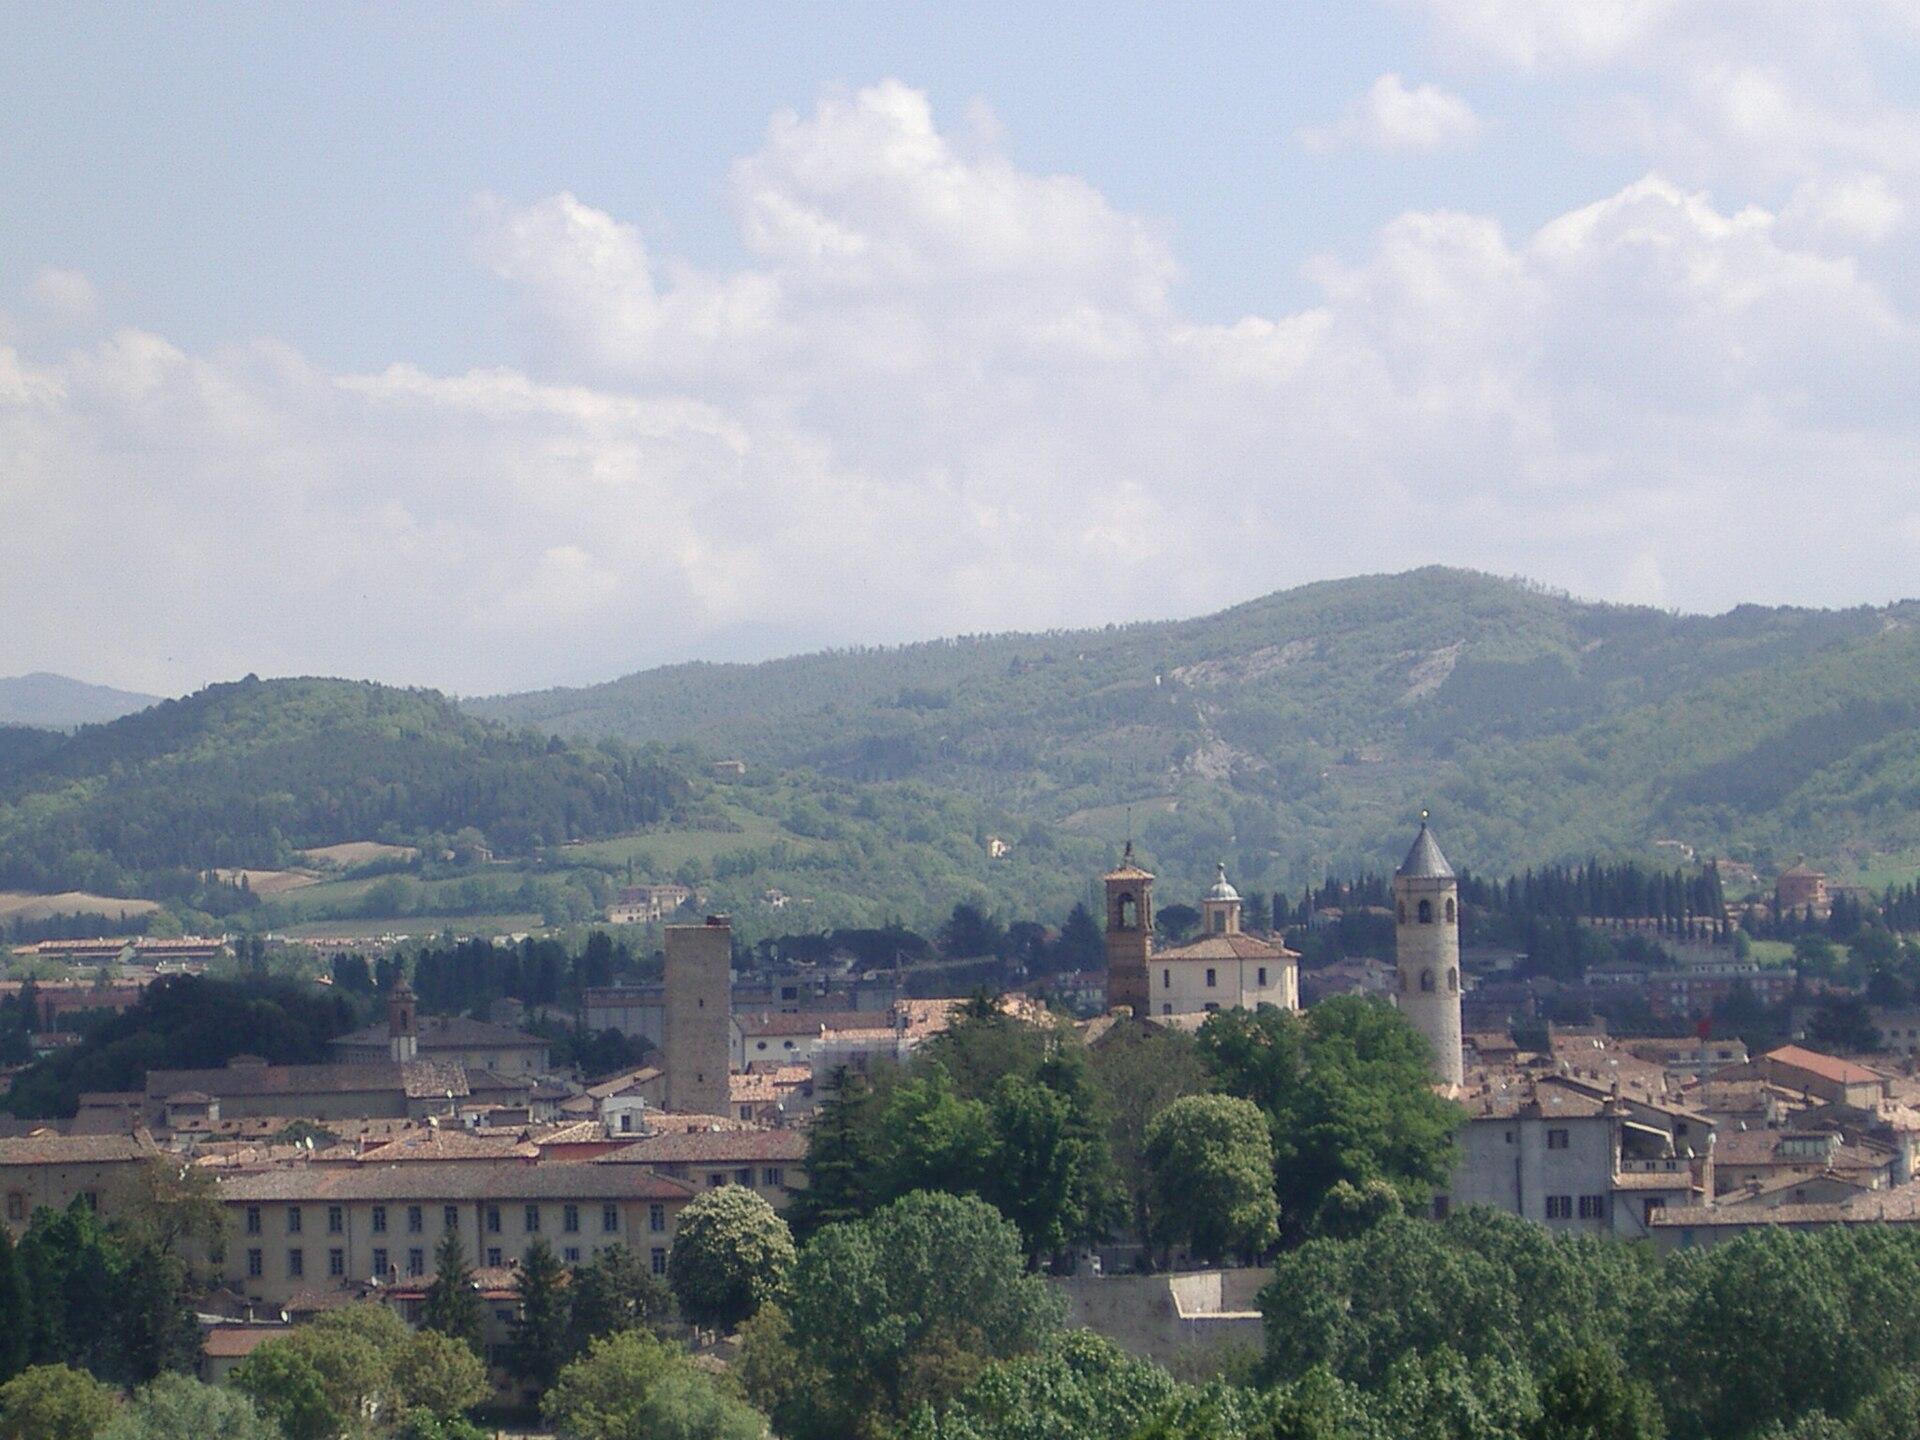 Città di Castello - Wikipedia